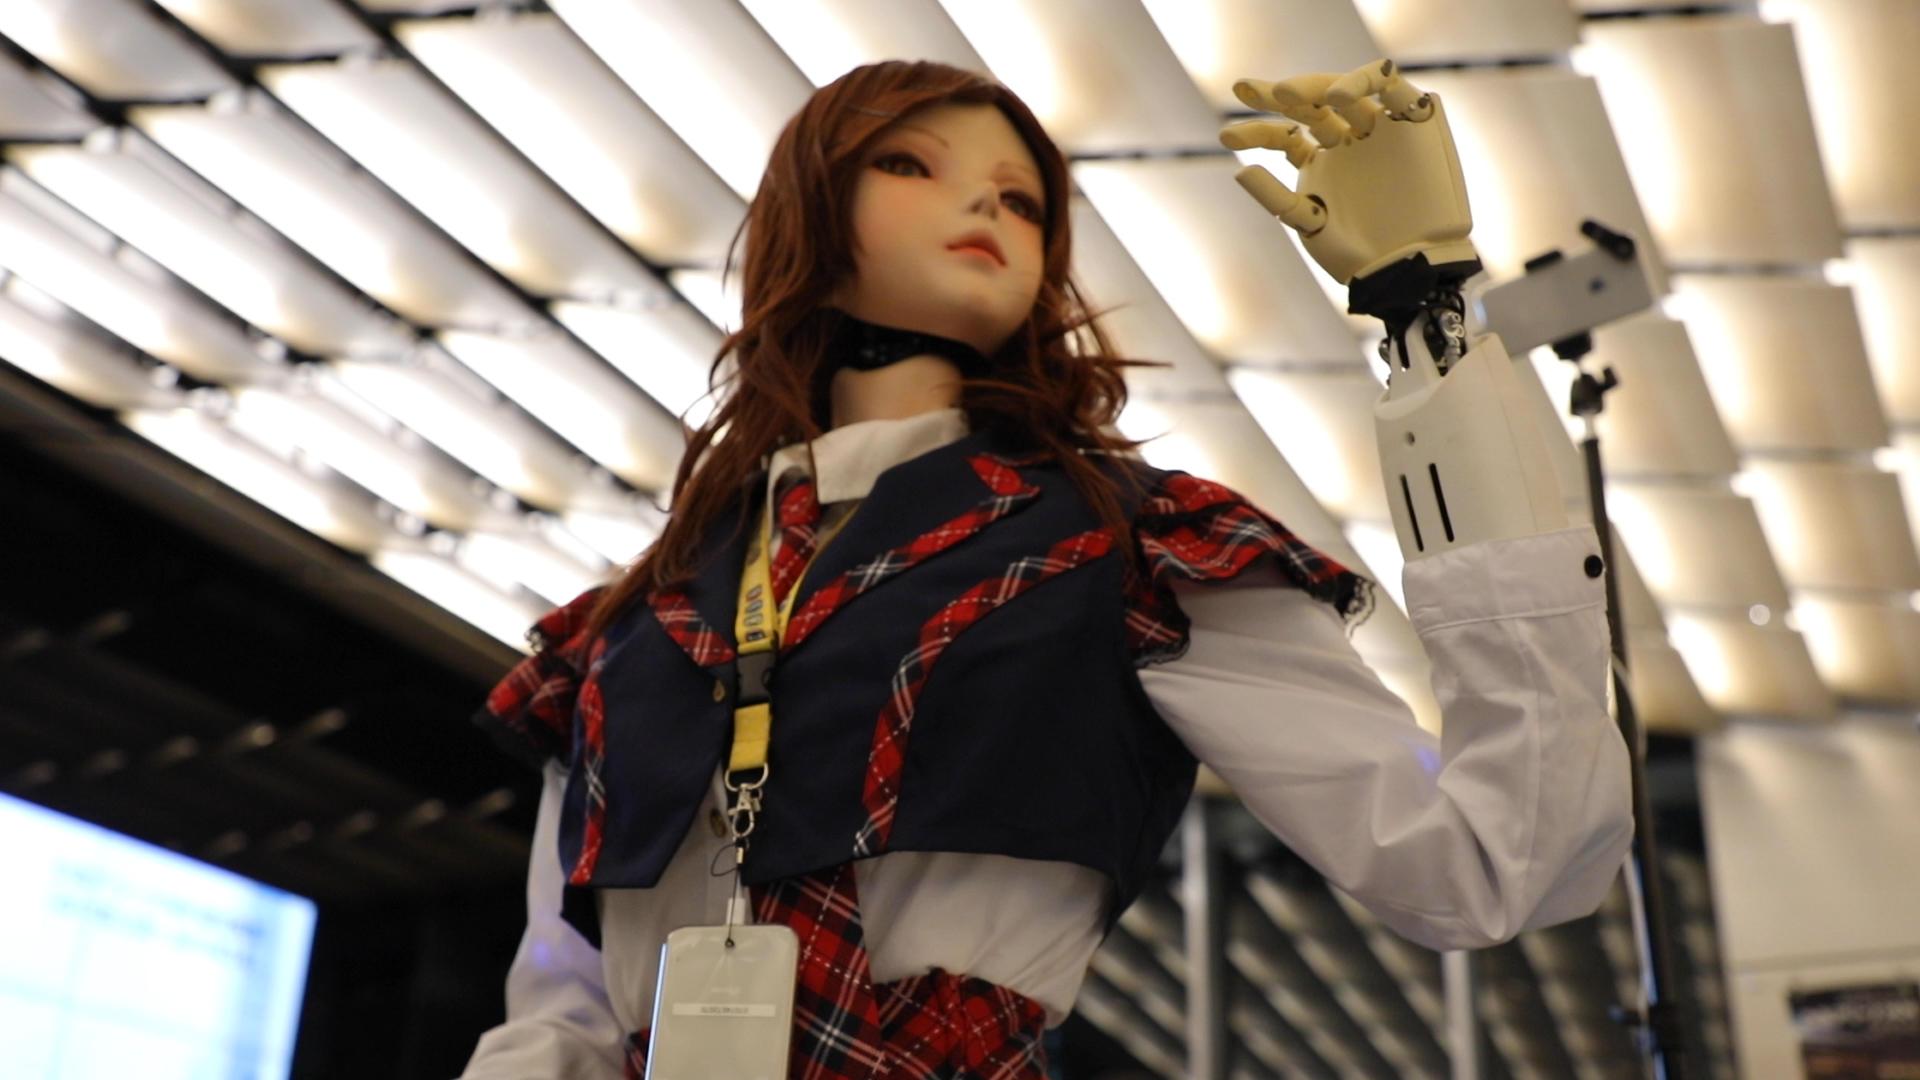 イノベーション都市・横浜(YOXO)のビッグ・イベント! 「横浜ガジェットまつり2019」みなとみらい企業連携で開催!